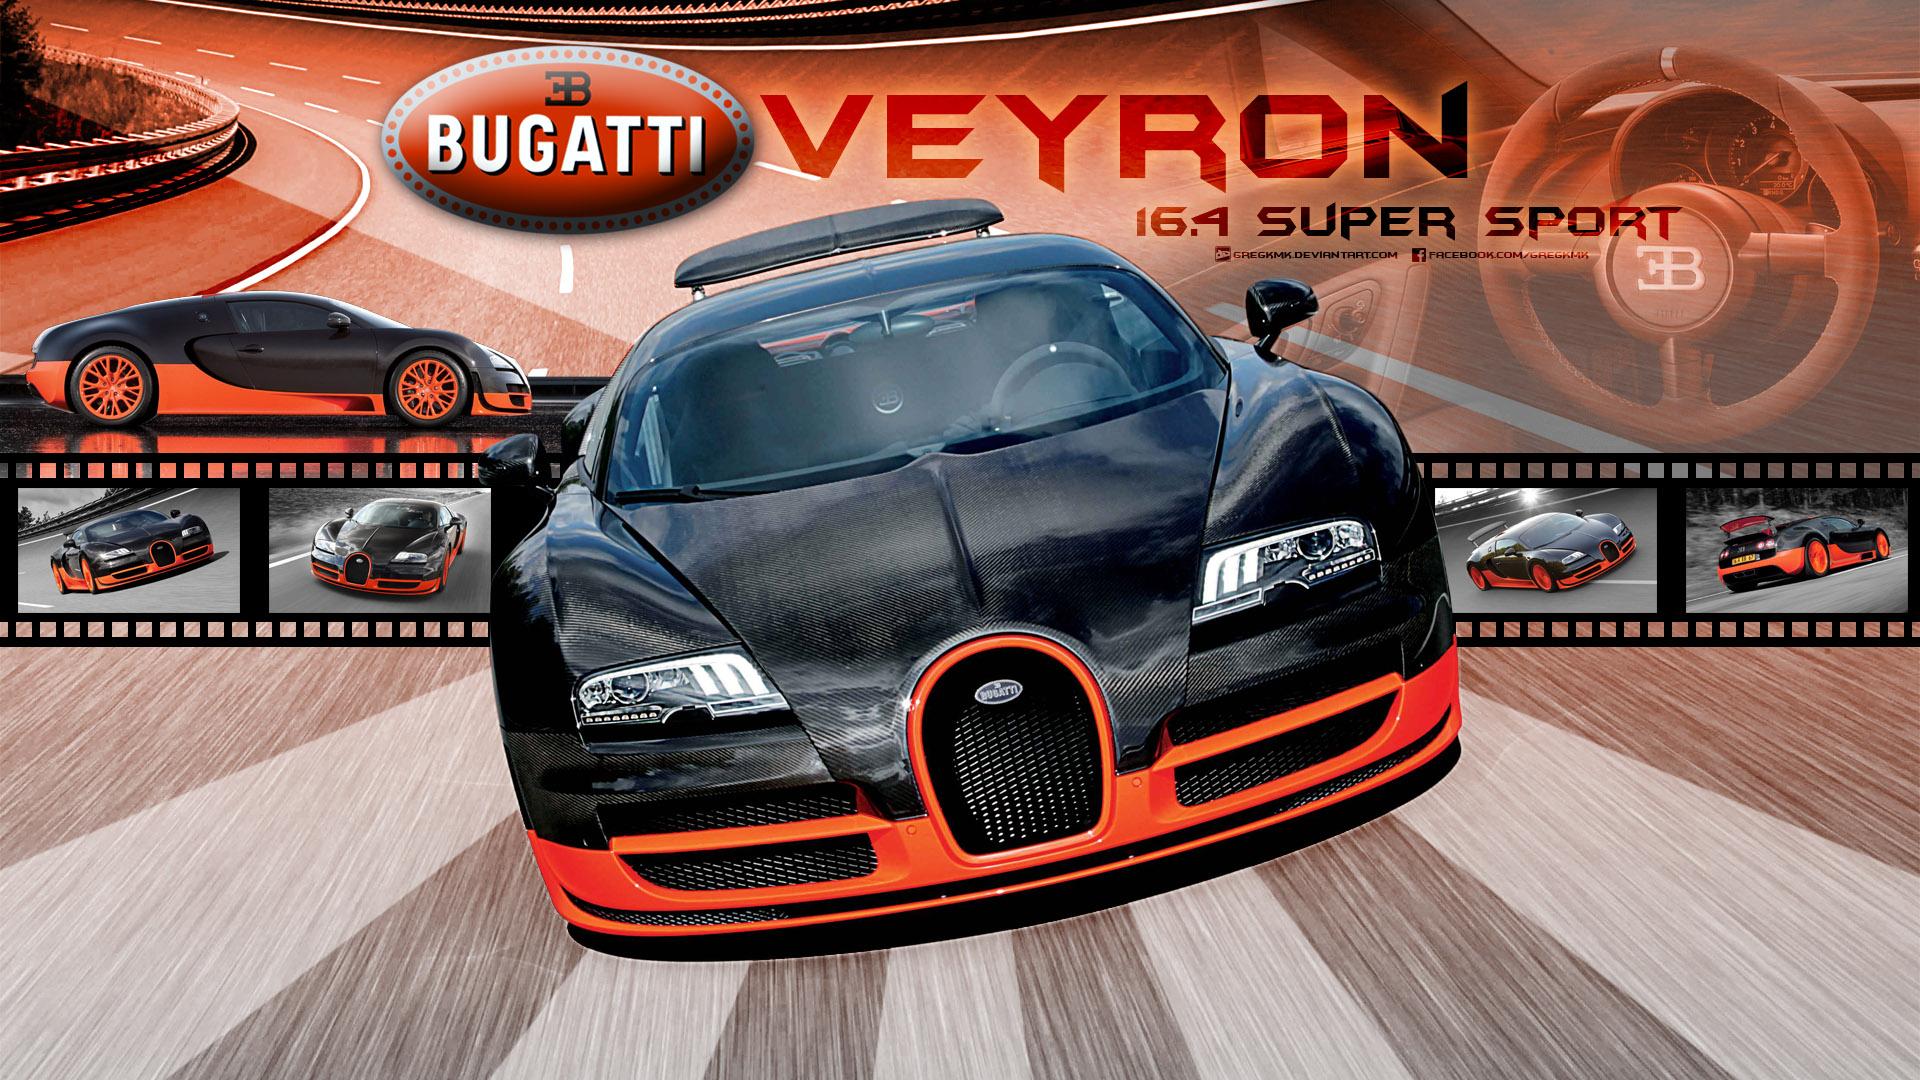 bugatti veyron wallpaper by gregkmk bugatti veyron wallpaper by gregkmk - Bugatti Veyron Super Sport Top Gear Wallpaper